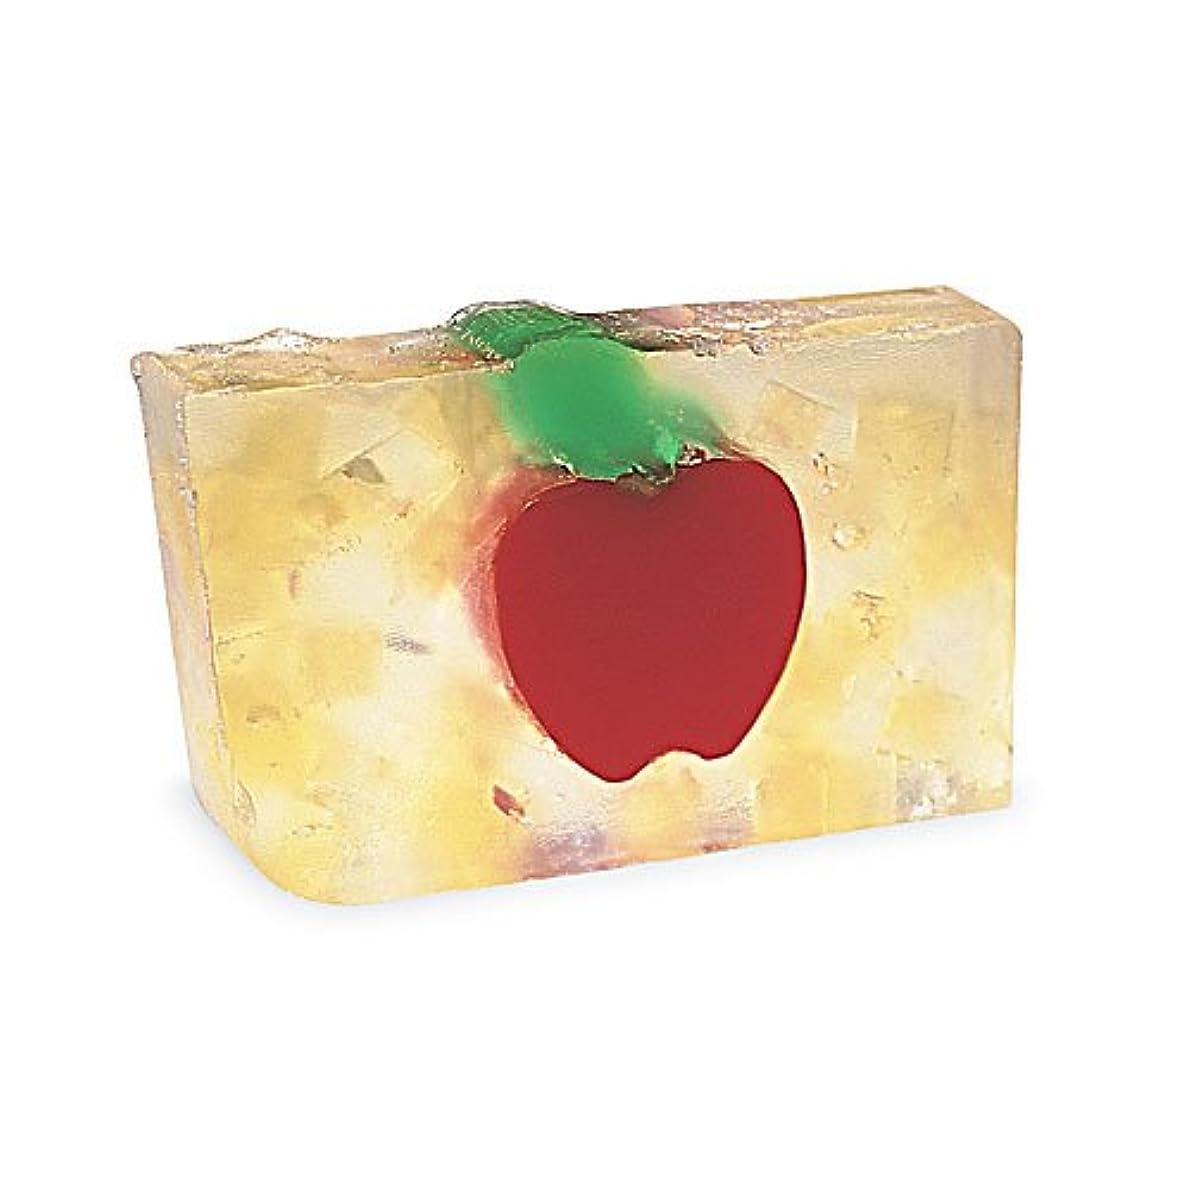 簿記係クライアントガラガラプライモールエレメンツ アロマティック ソープ ビッグアップル 180g 植物性 ナチュラル 石鹸 無添加